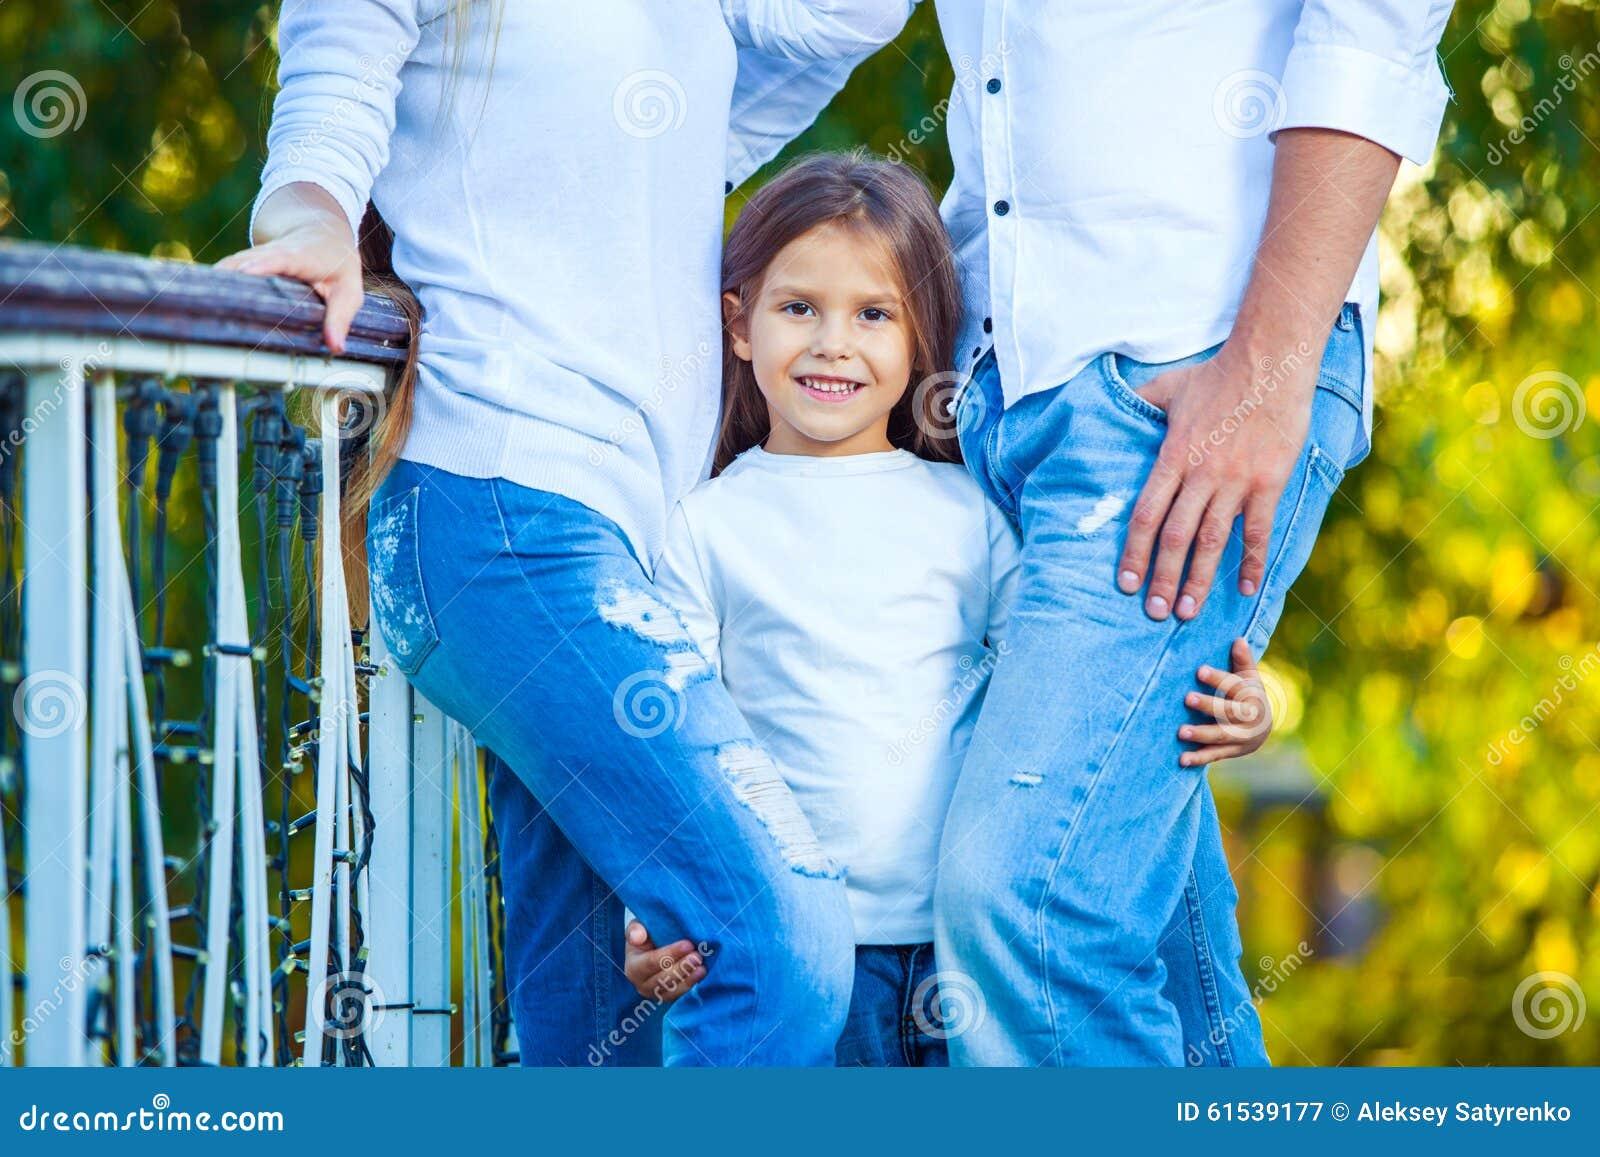 Sehr nettes kleines blondes Mädchen, welches die Fußmutter hält